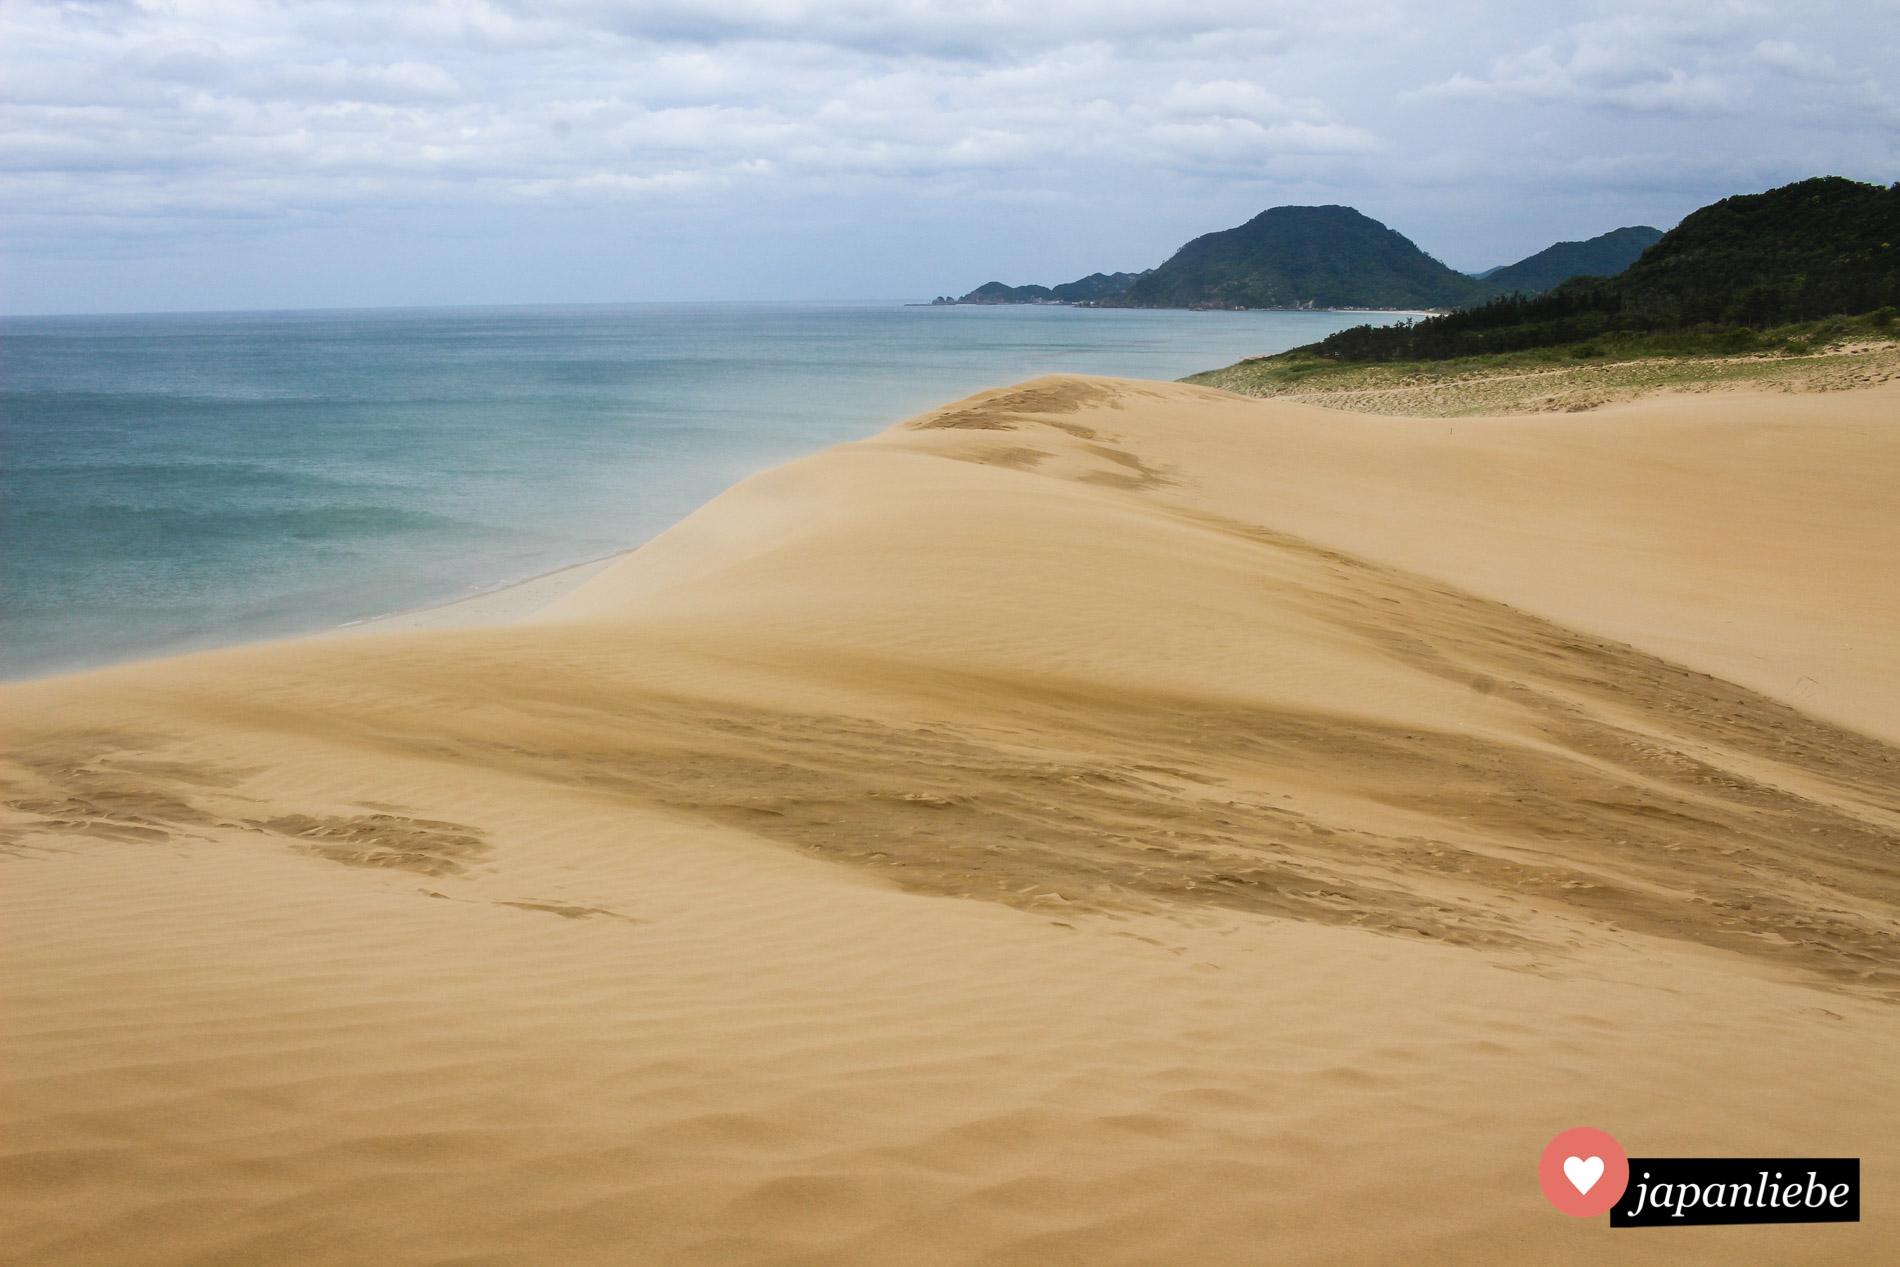 Die Sanddünen von Tottori grenzen direkt ans Japanische Meer.